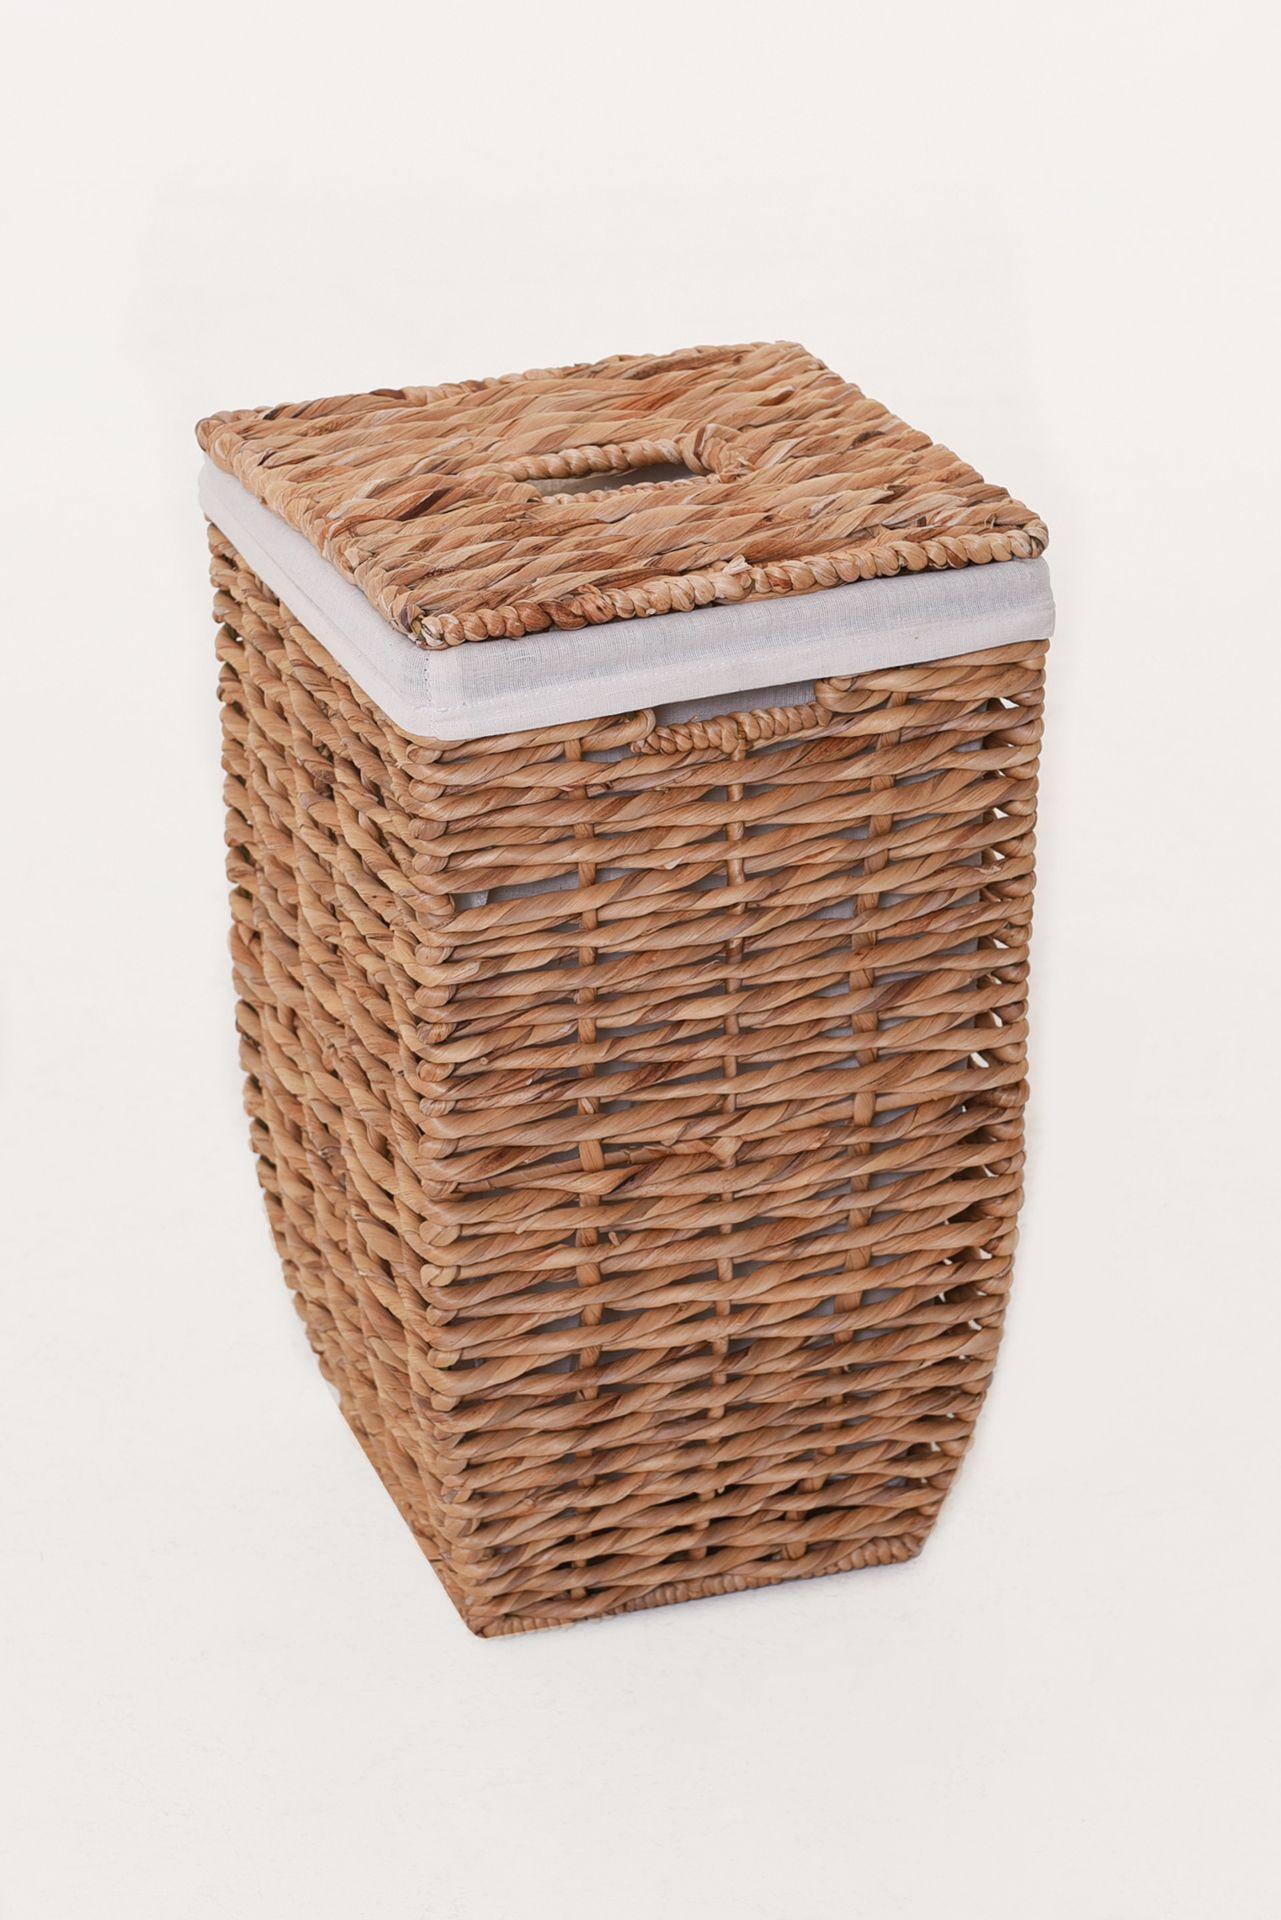 VIVANNO Wäschekorb Korb Wäschebox Wasserhyazinthe'Linea' 48cm hoch eBay ~ 18001155_Wäschekorb Wasserhyazinthe Groß